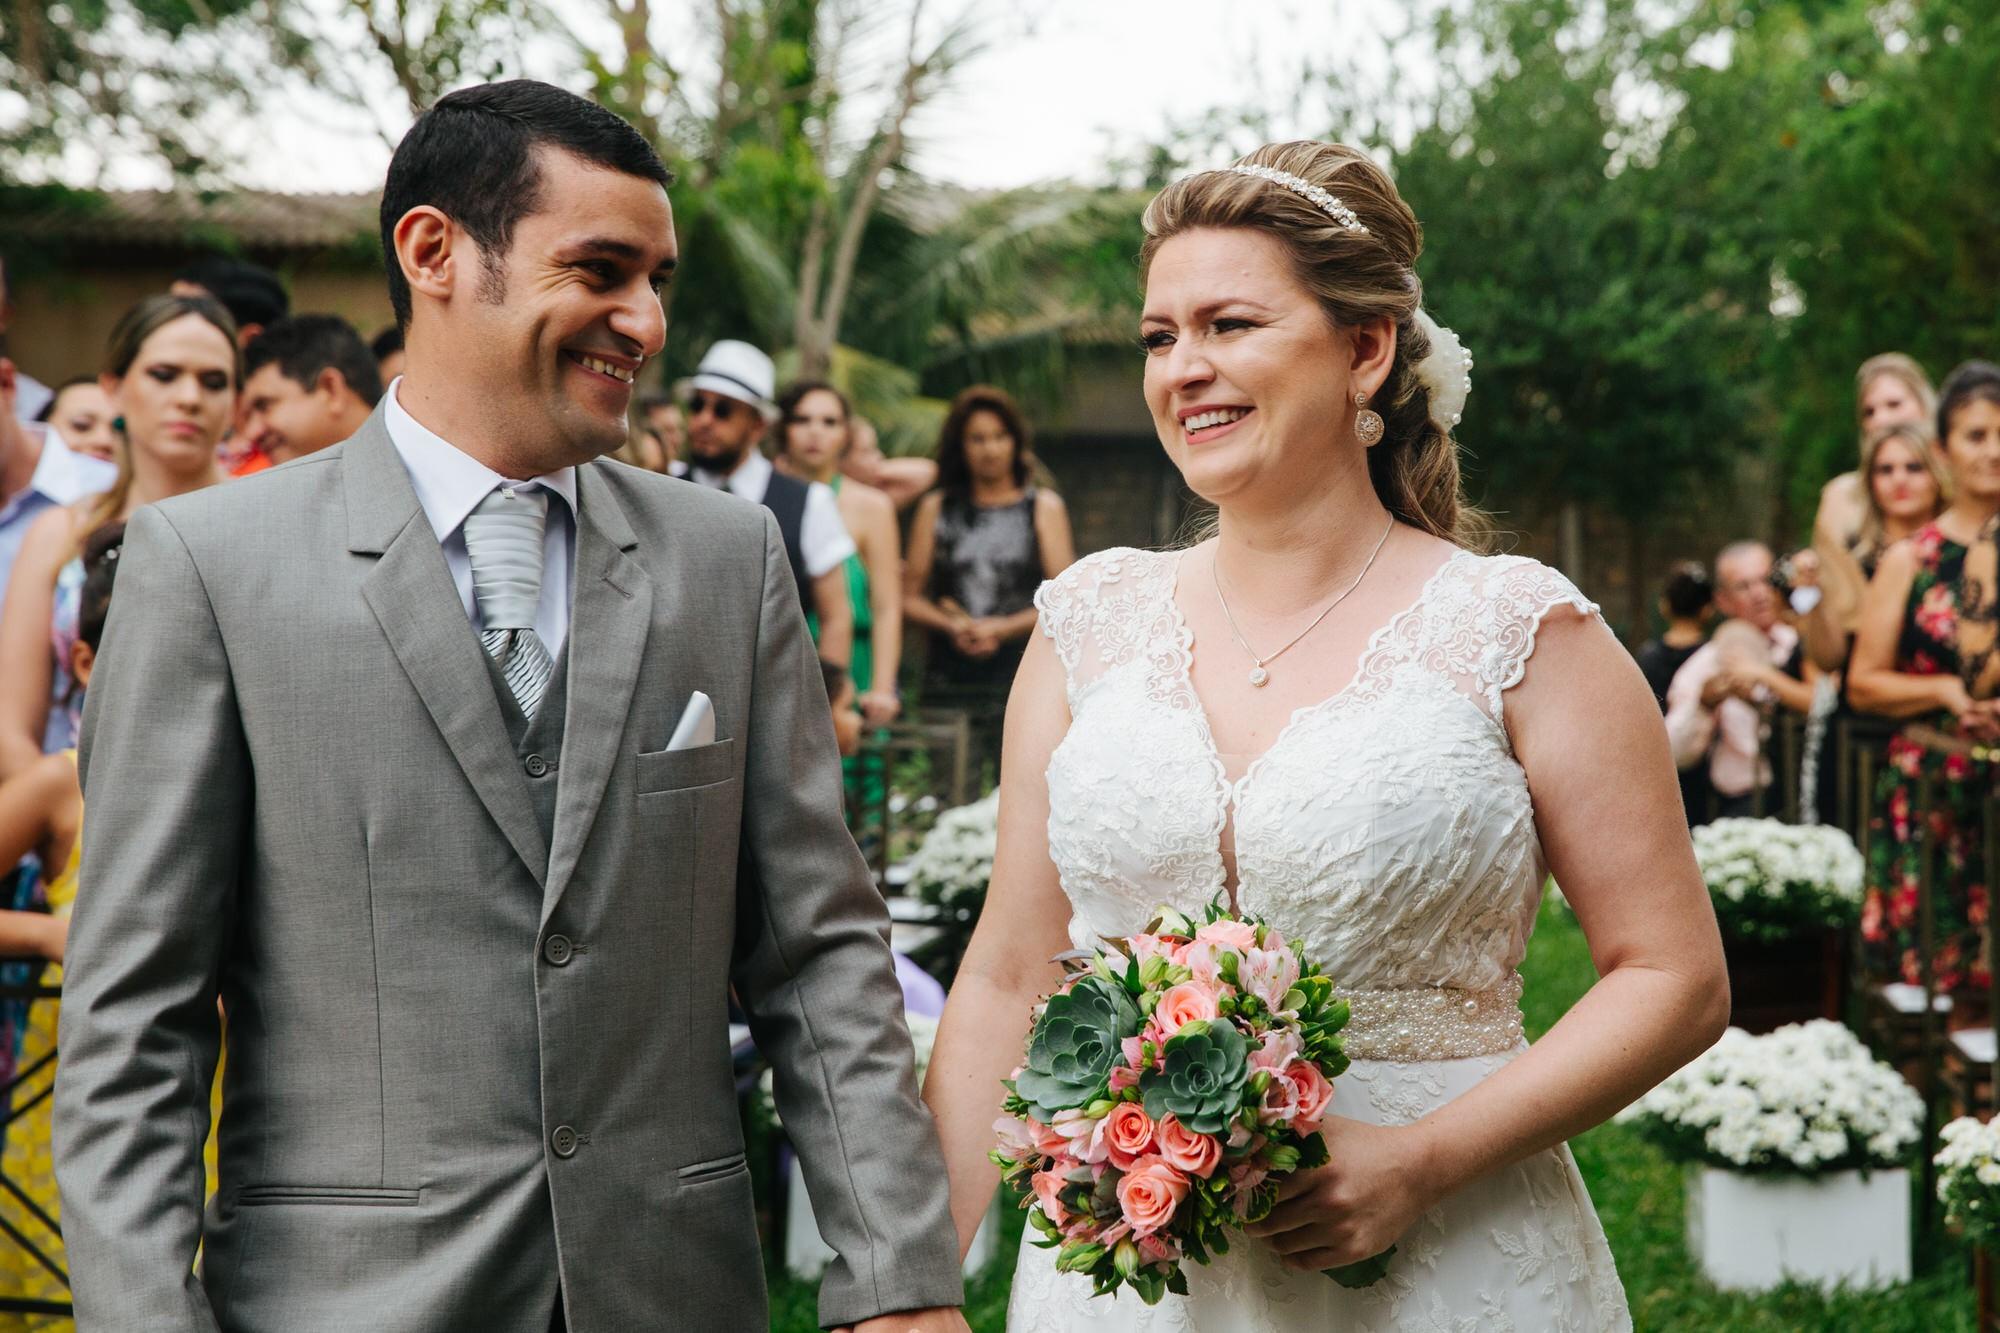 Fabio e Gisele - Casamento em Mundo Novo - MS por Lorran Souza e Léia Sotile - fotografo de casamentos - 00017